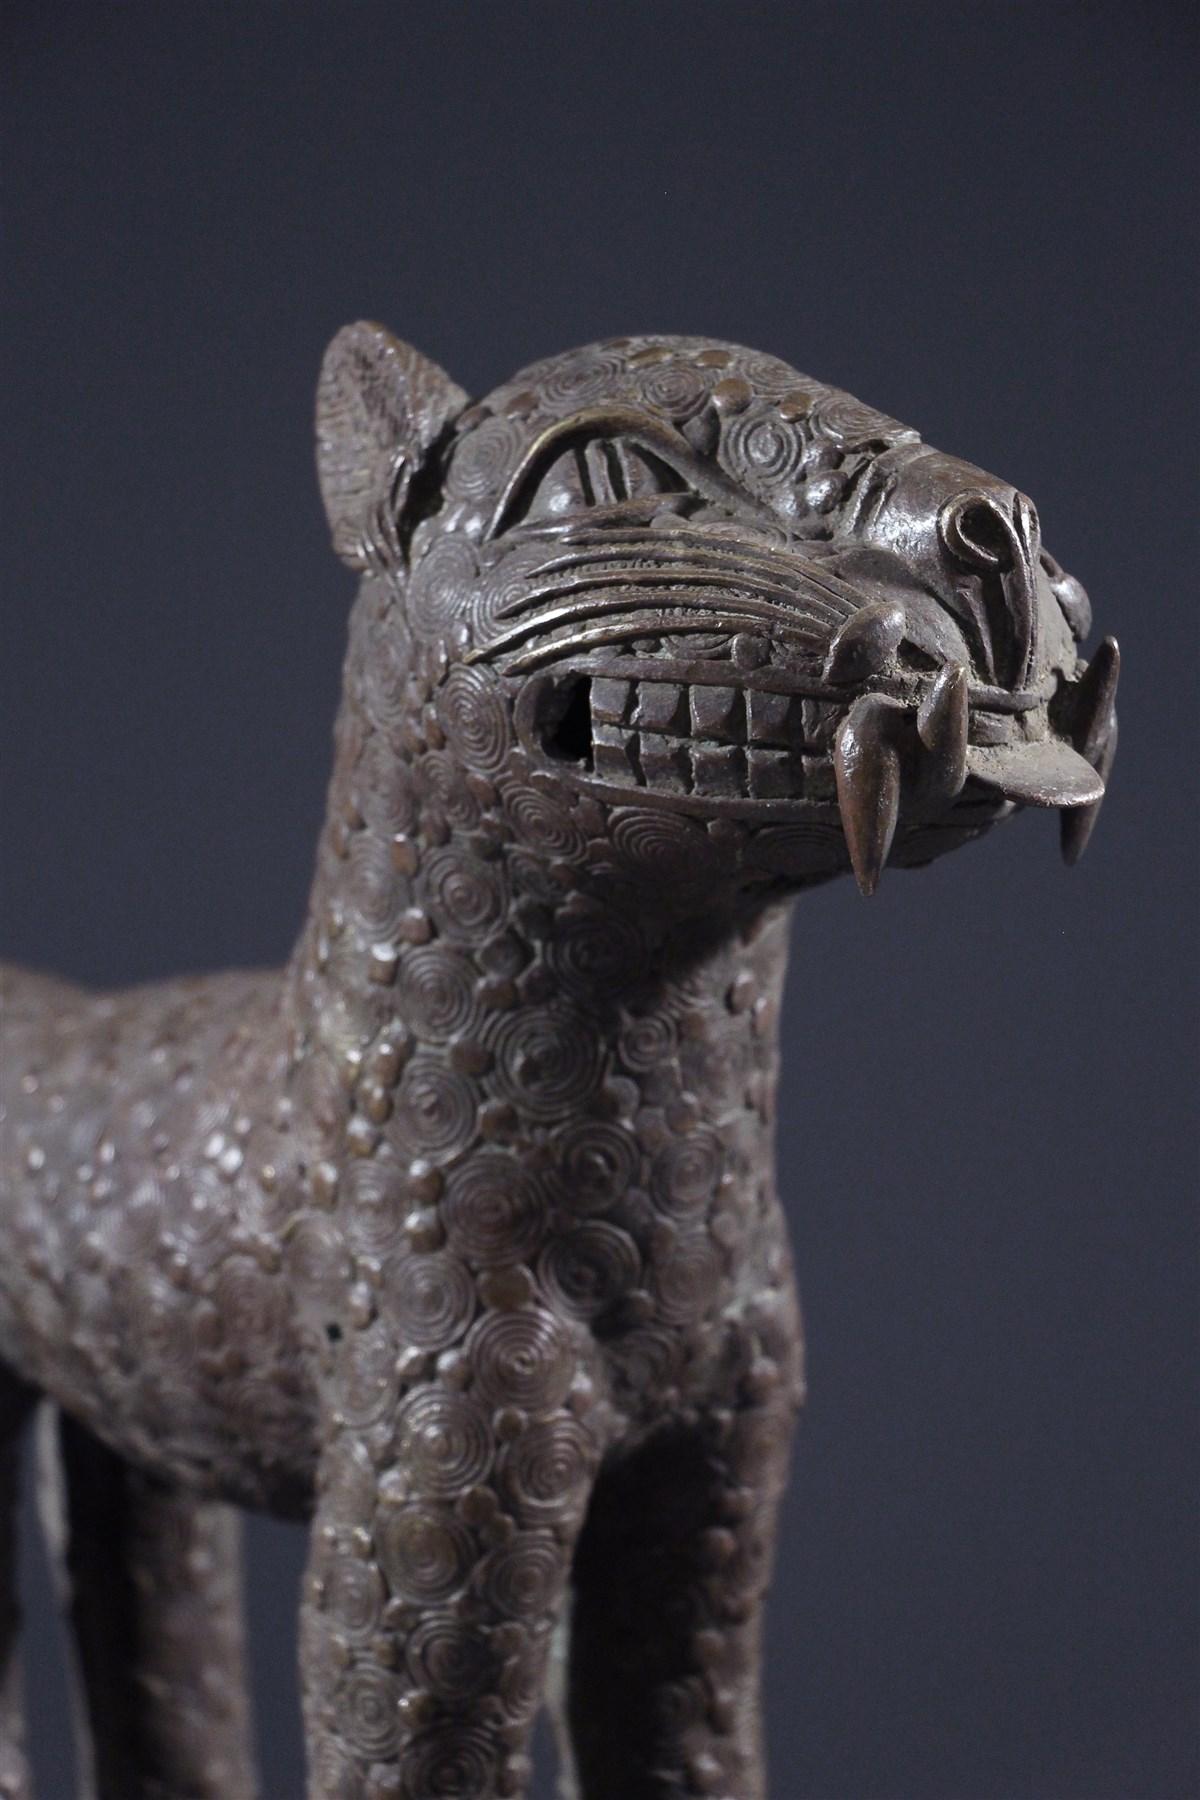 Léopard en bronze Bénin - Art africain